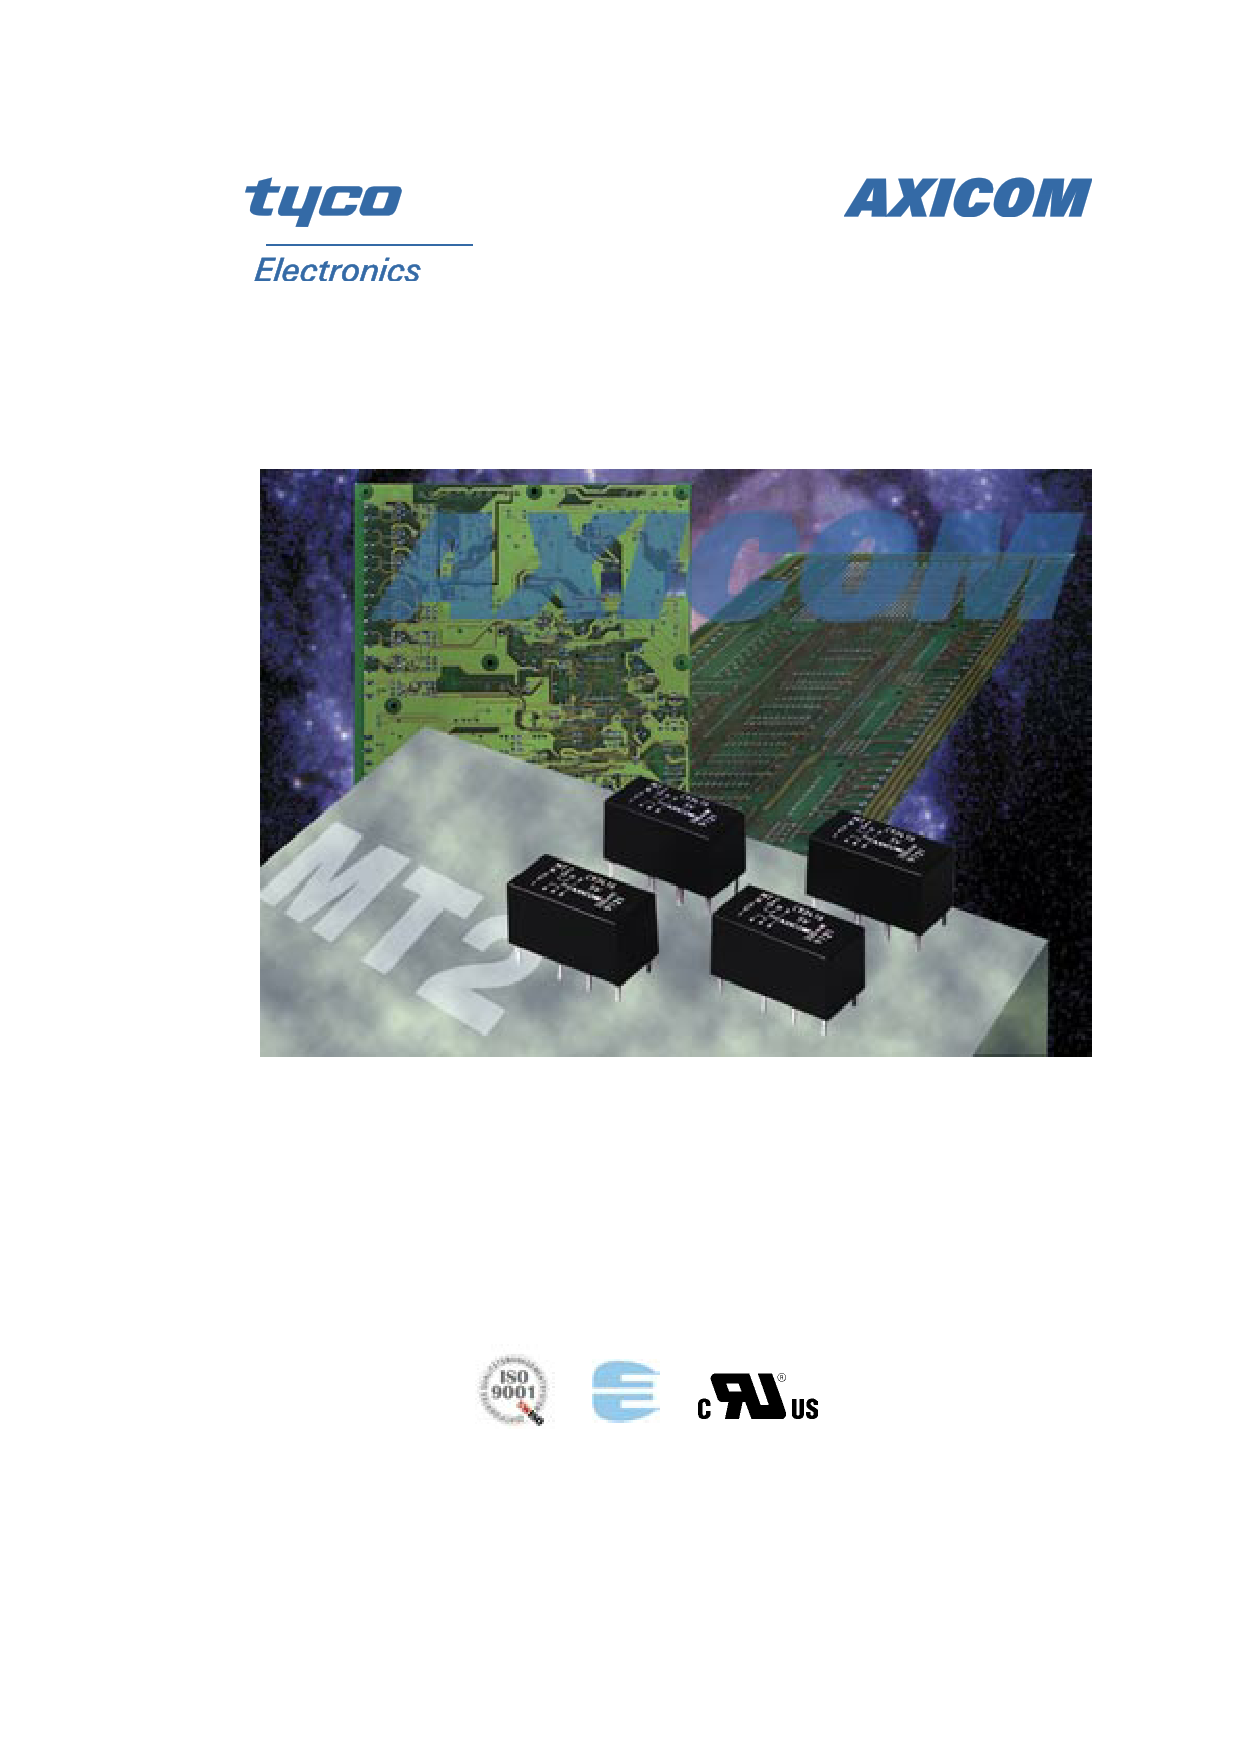 0-1462000-7 Hoja de datos, Descripción, Manual